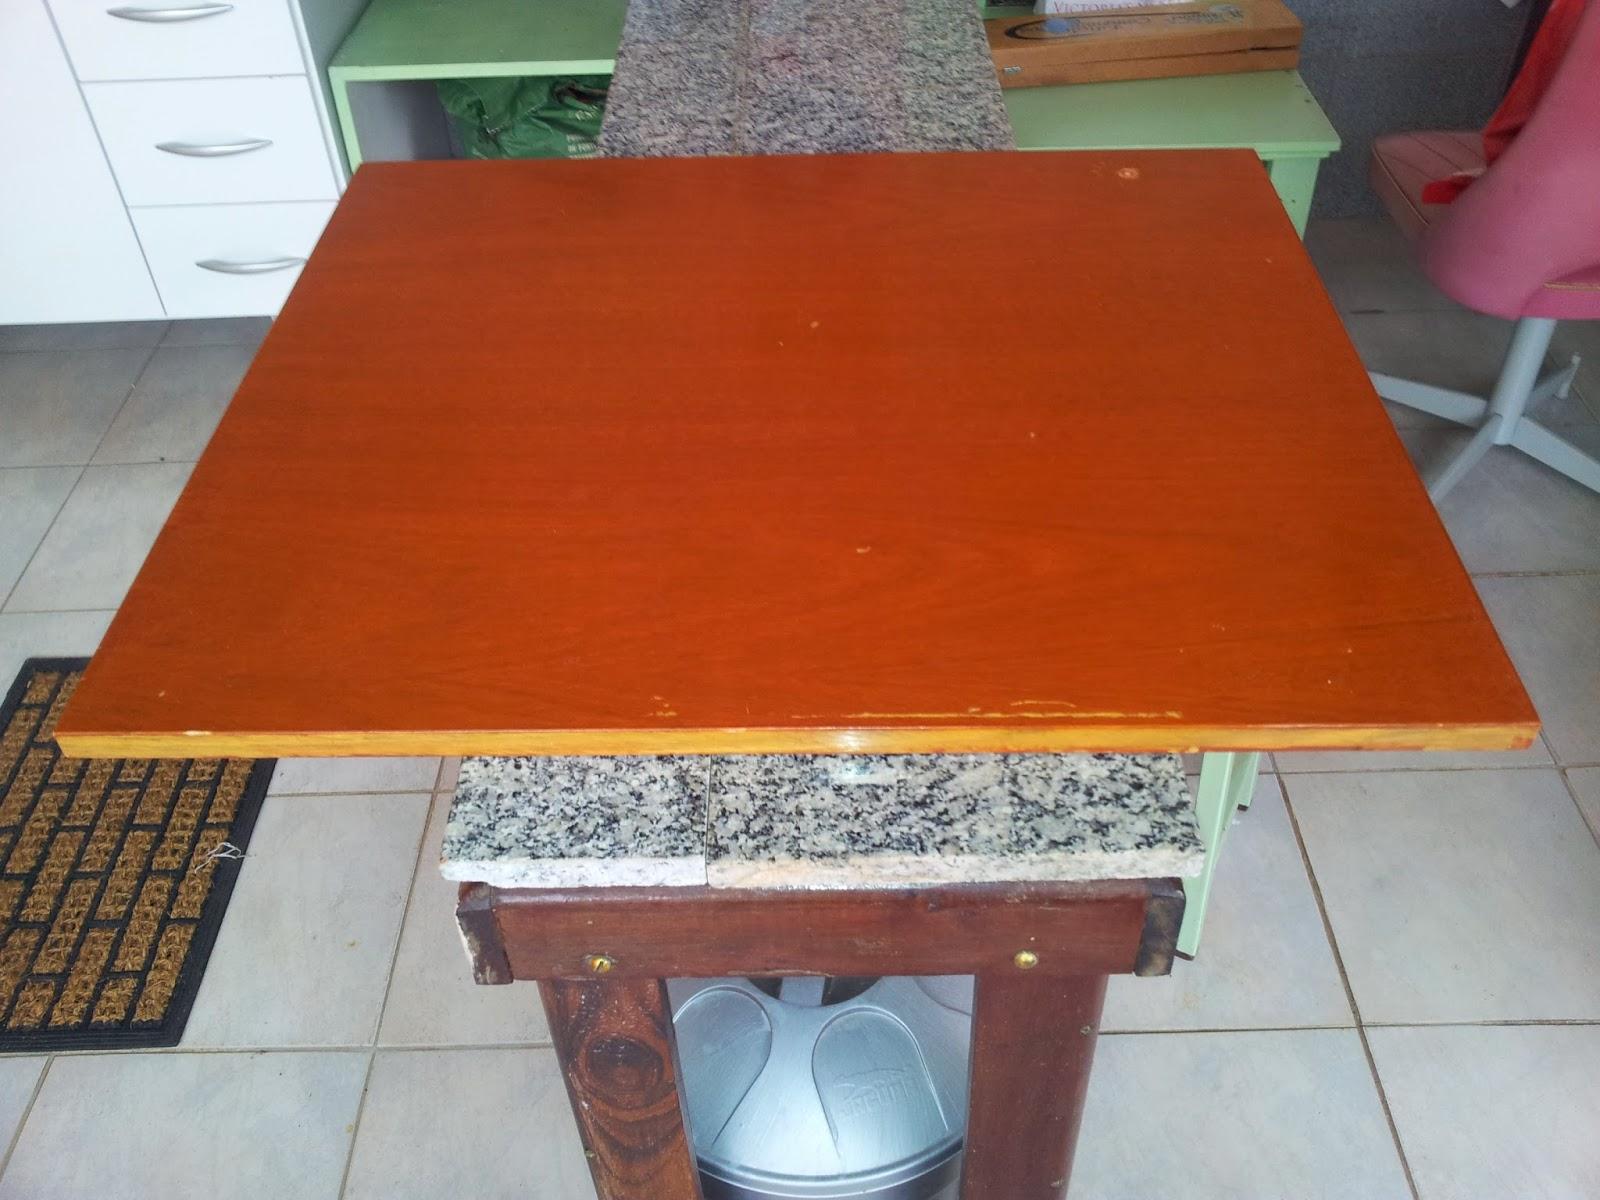 perto de casa encontrei 4 pés de mesa jogados em uma caçamba #B33C0D 1600x1200